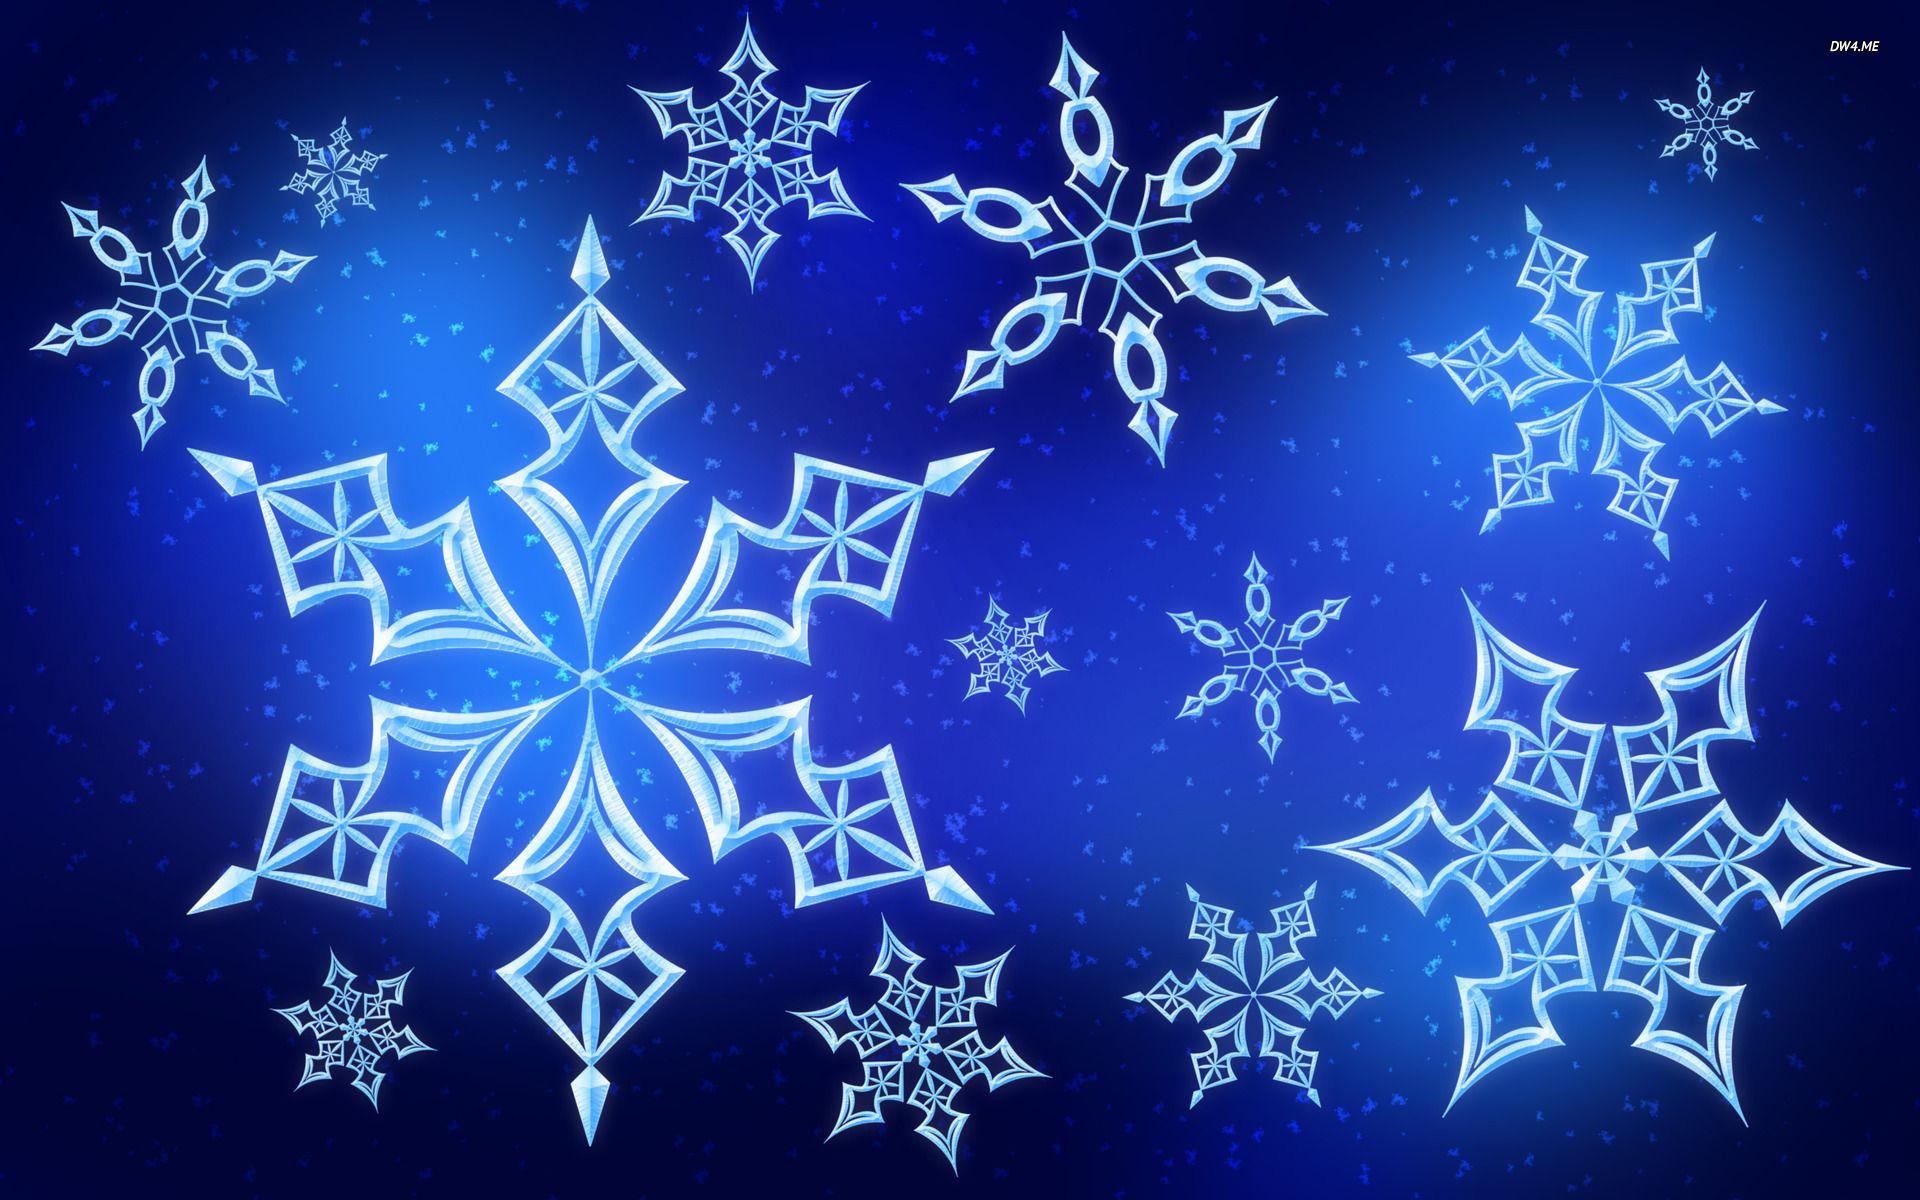 Winter solstice symbol google search winter solstice party snowflakes vector desktop wallpaper snow wallpaper snowflake wallpaper winter wallpaper vector no voltagebd Choice Image